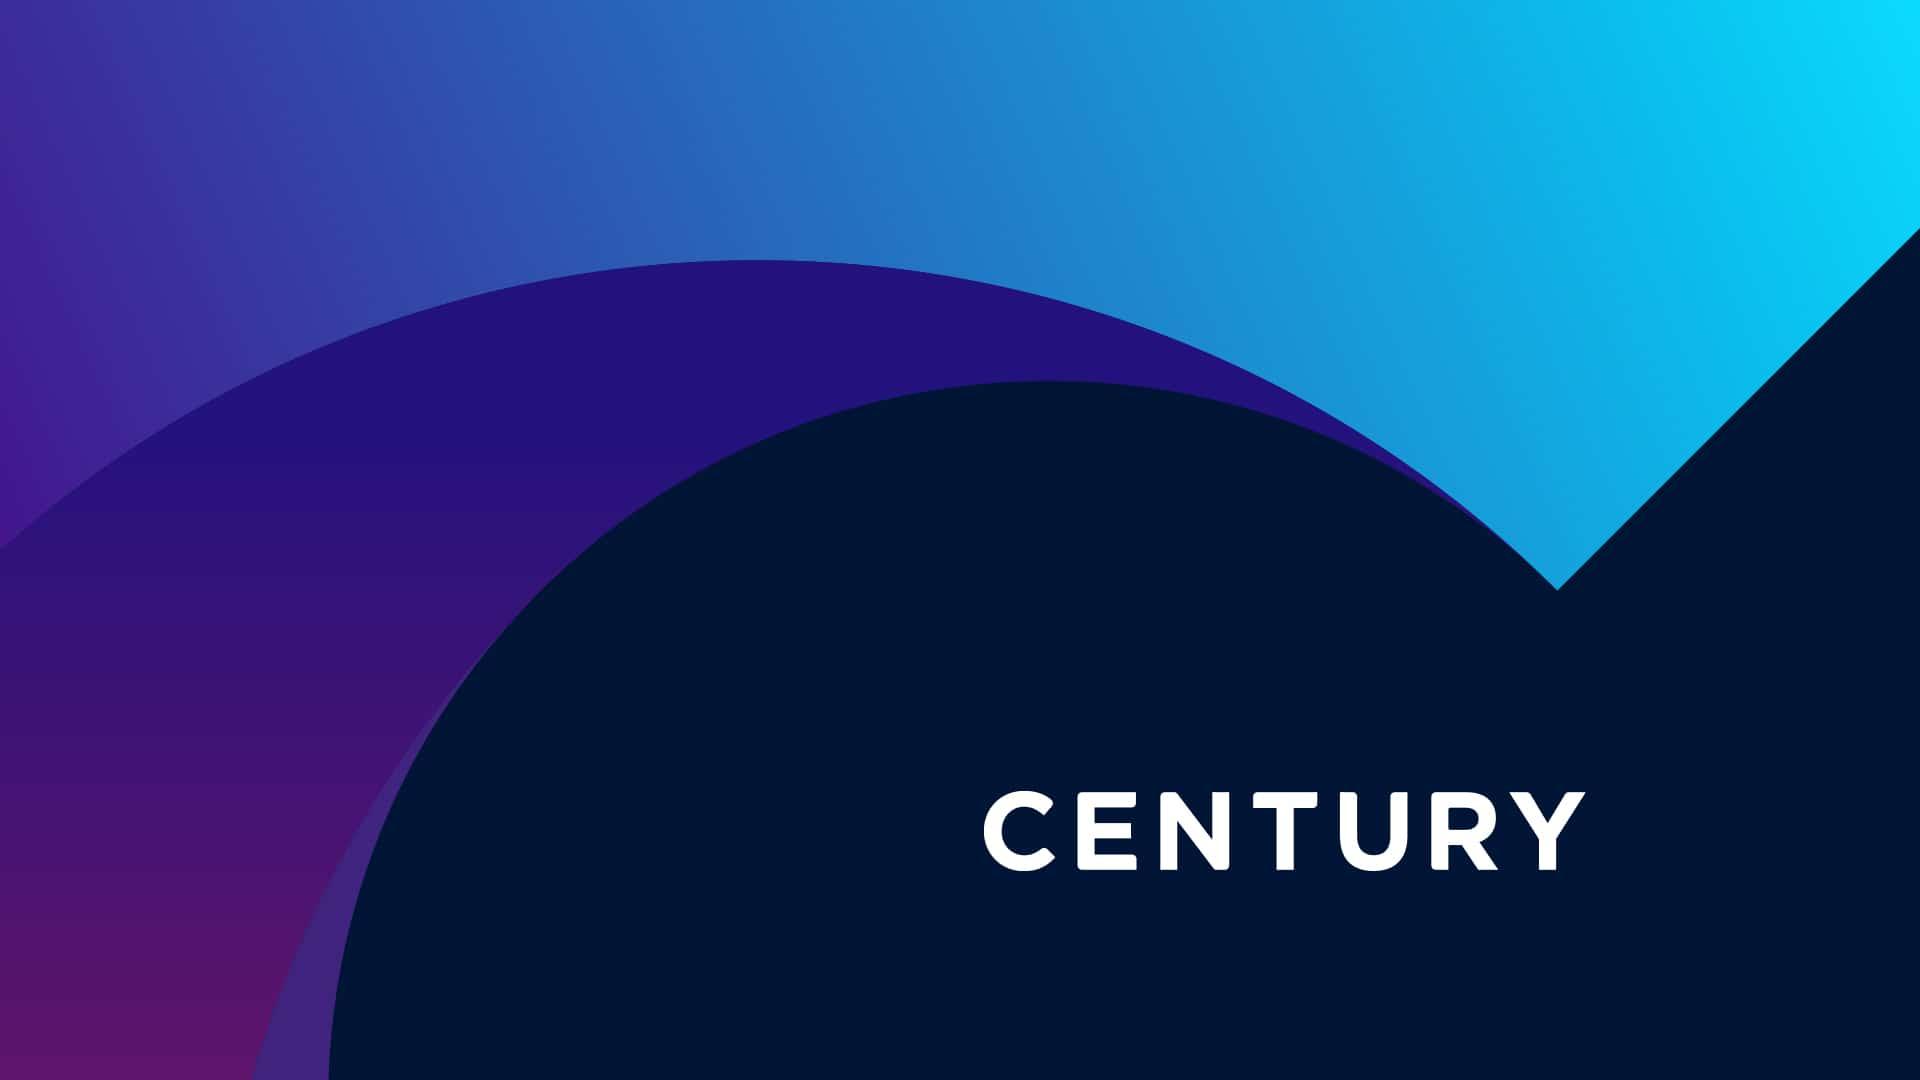 fitosophy-century-logo-c2